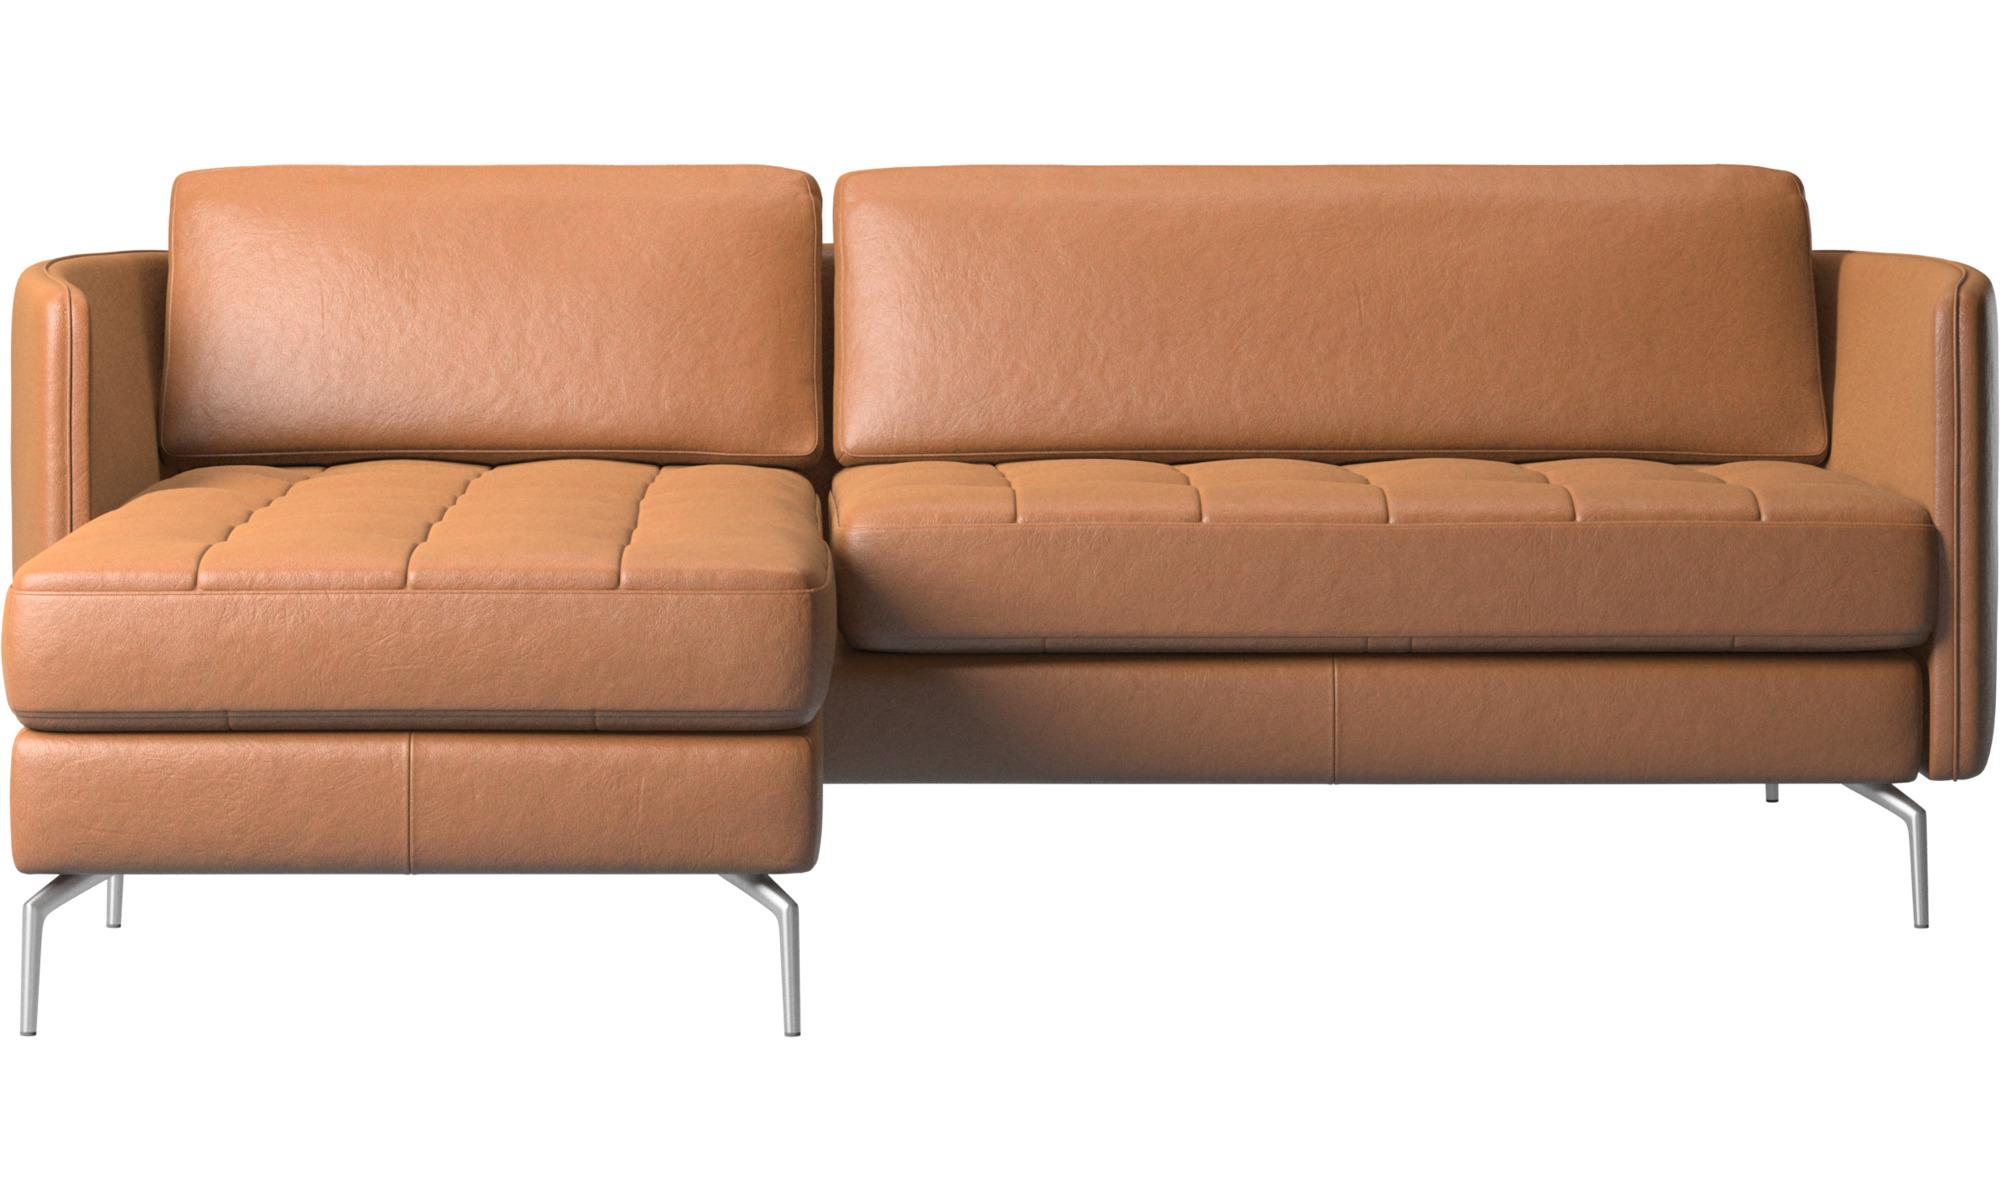 Sofaer med chaiselong - Osaka sofa med hvilemodul, tuftet sædehynde - Brun - Læder